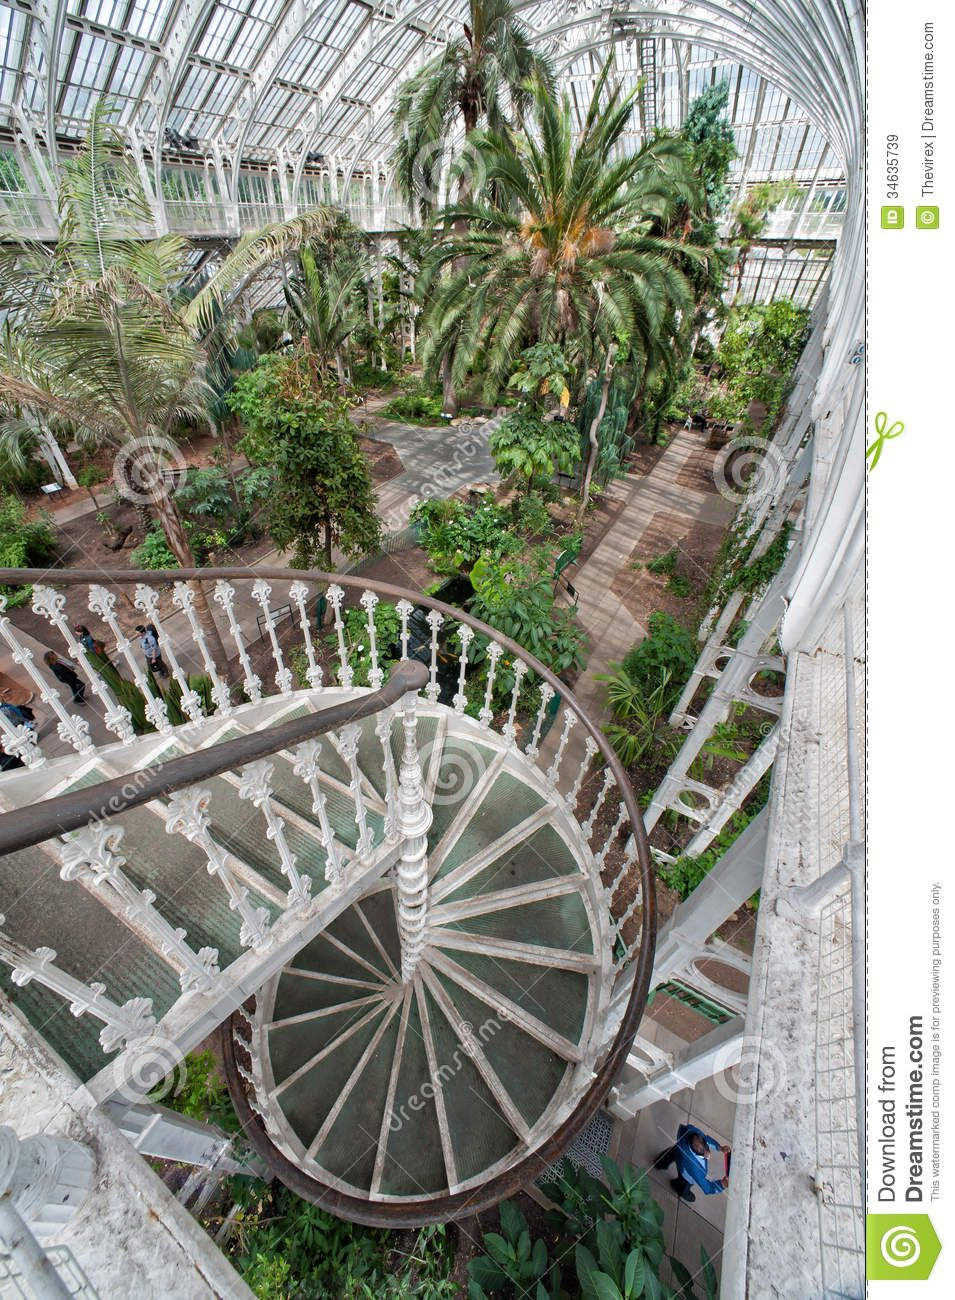 Kew Gardens London Uk Editorial Stock Image - Image: 34635739